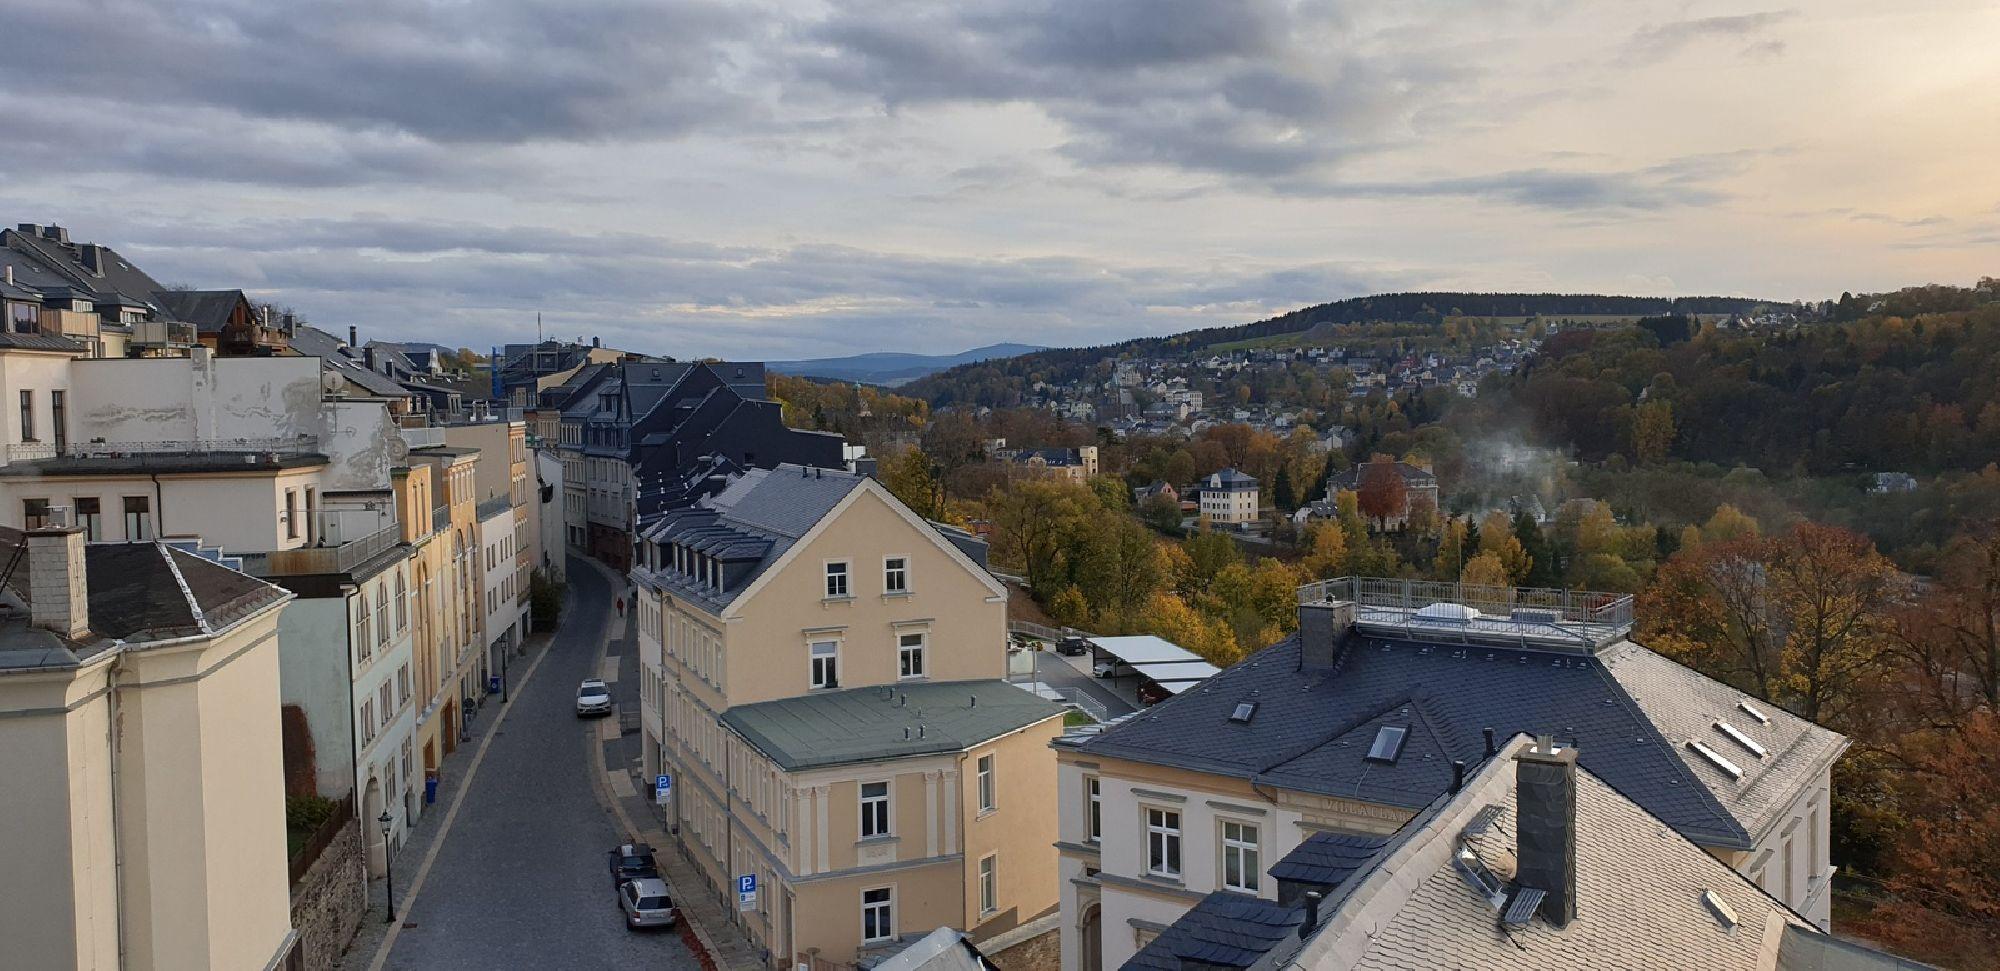 Ausblick von der Terrasse auf Annaberg